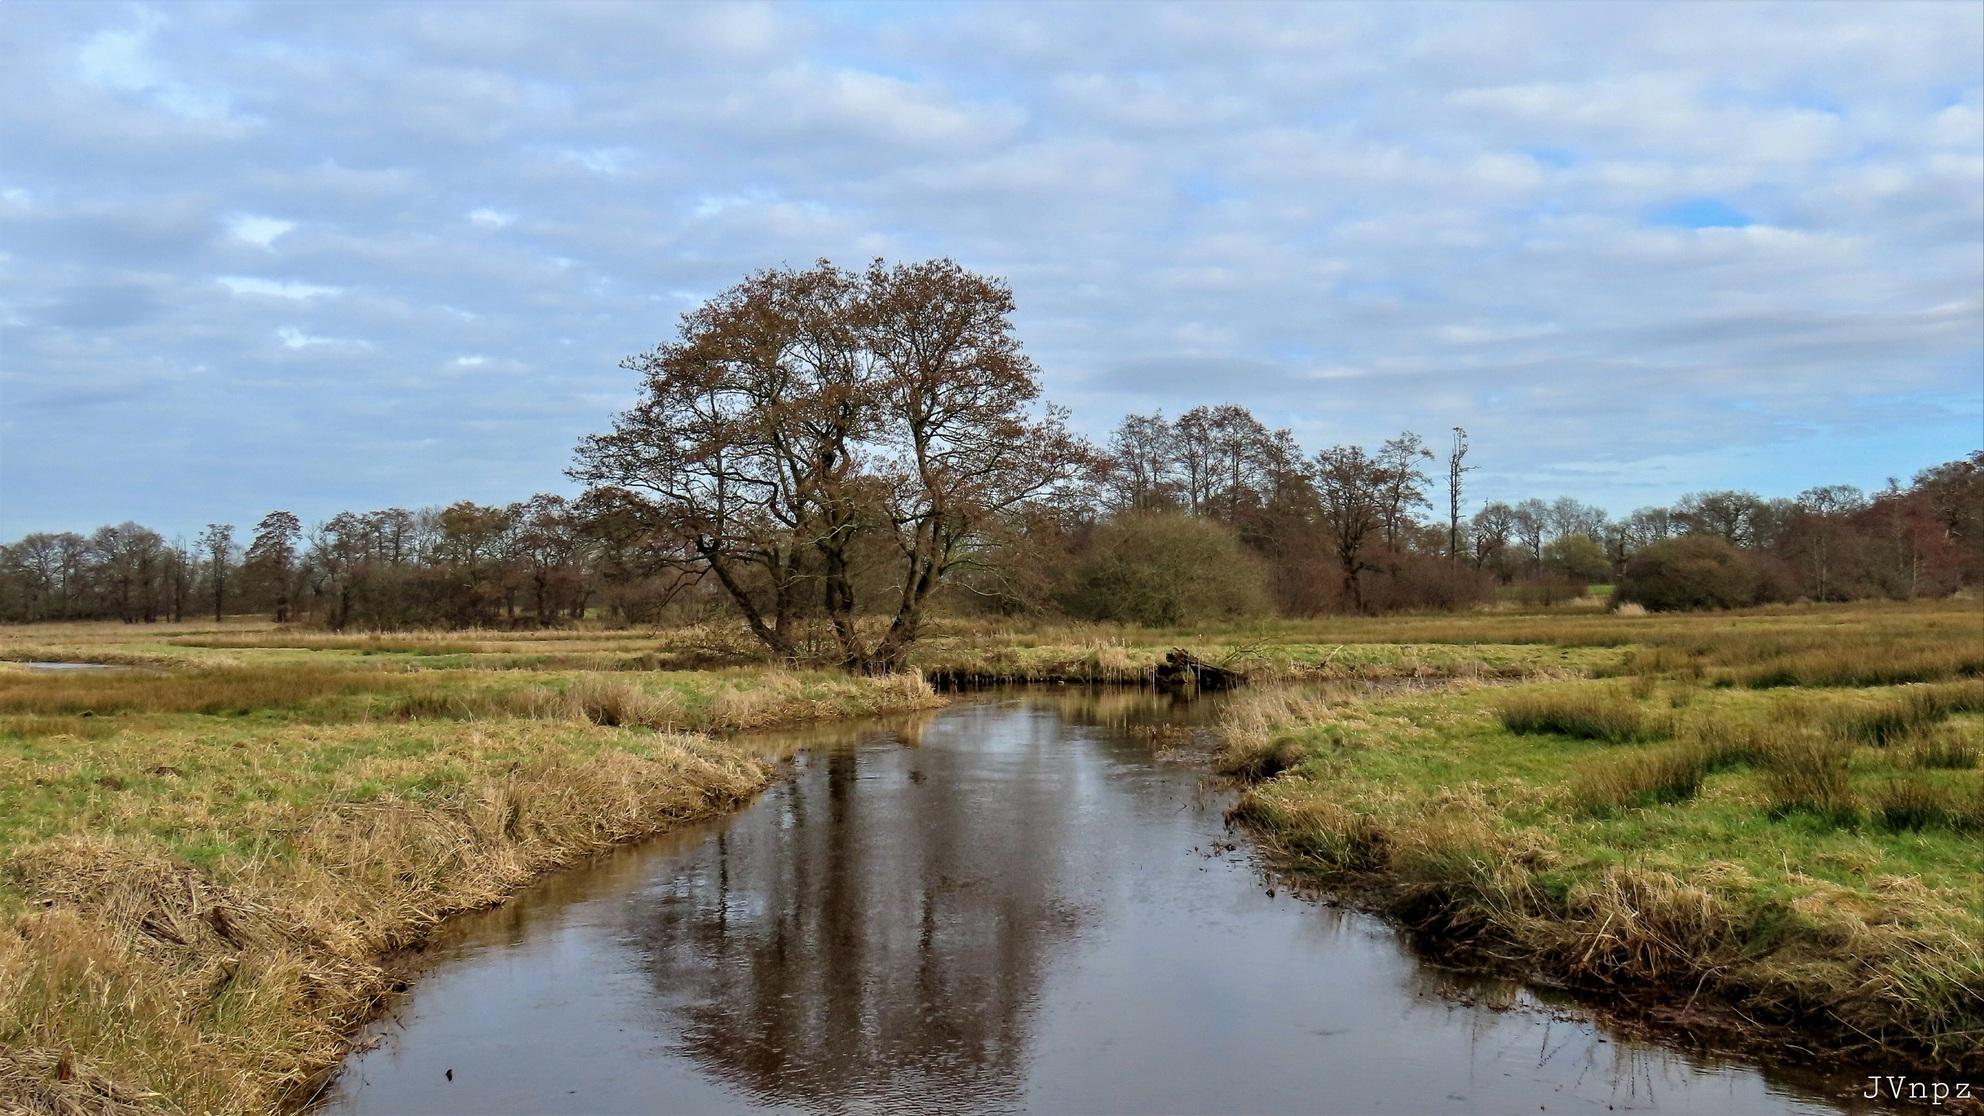 Deurzerdiep - Het Deurzerdiep is een bovenloop van de Drentse A. - foto door Vissernpz op 08-04-2021 - locatie: Deurzerdiep, Nederland - deze foto bevat: water, lucht, wolk, fabriek, plant gemeenschap, fluviatiele landvormen van beken, natuurlijke omgeving, boom, natuurlijk landschap, vegetatie